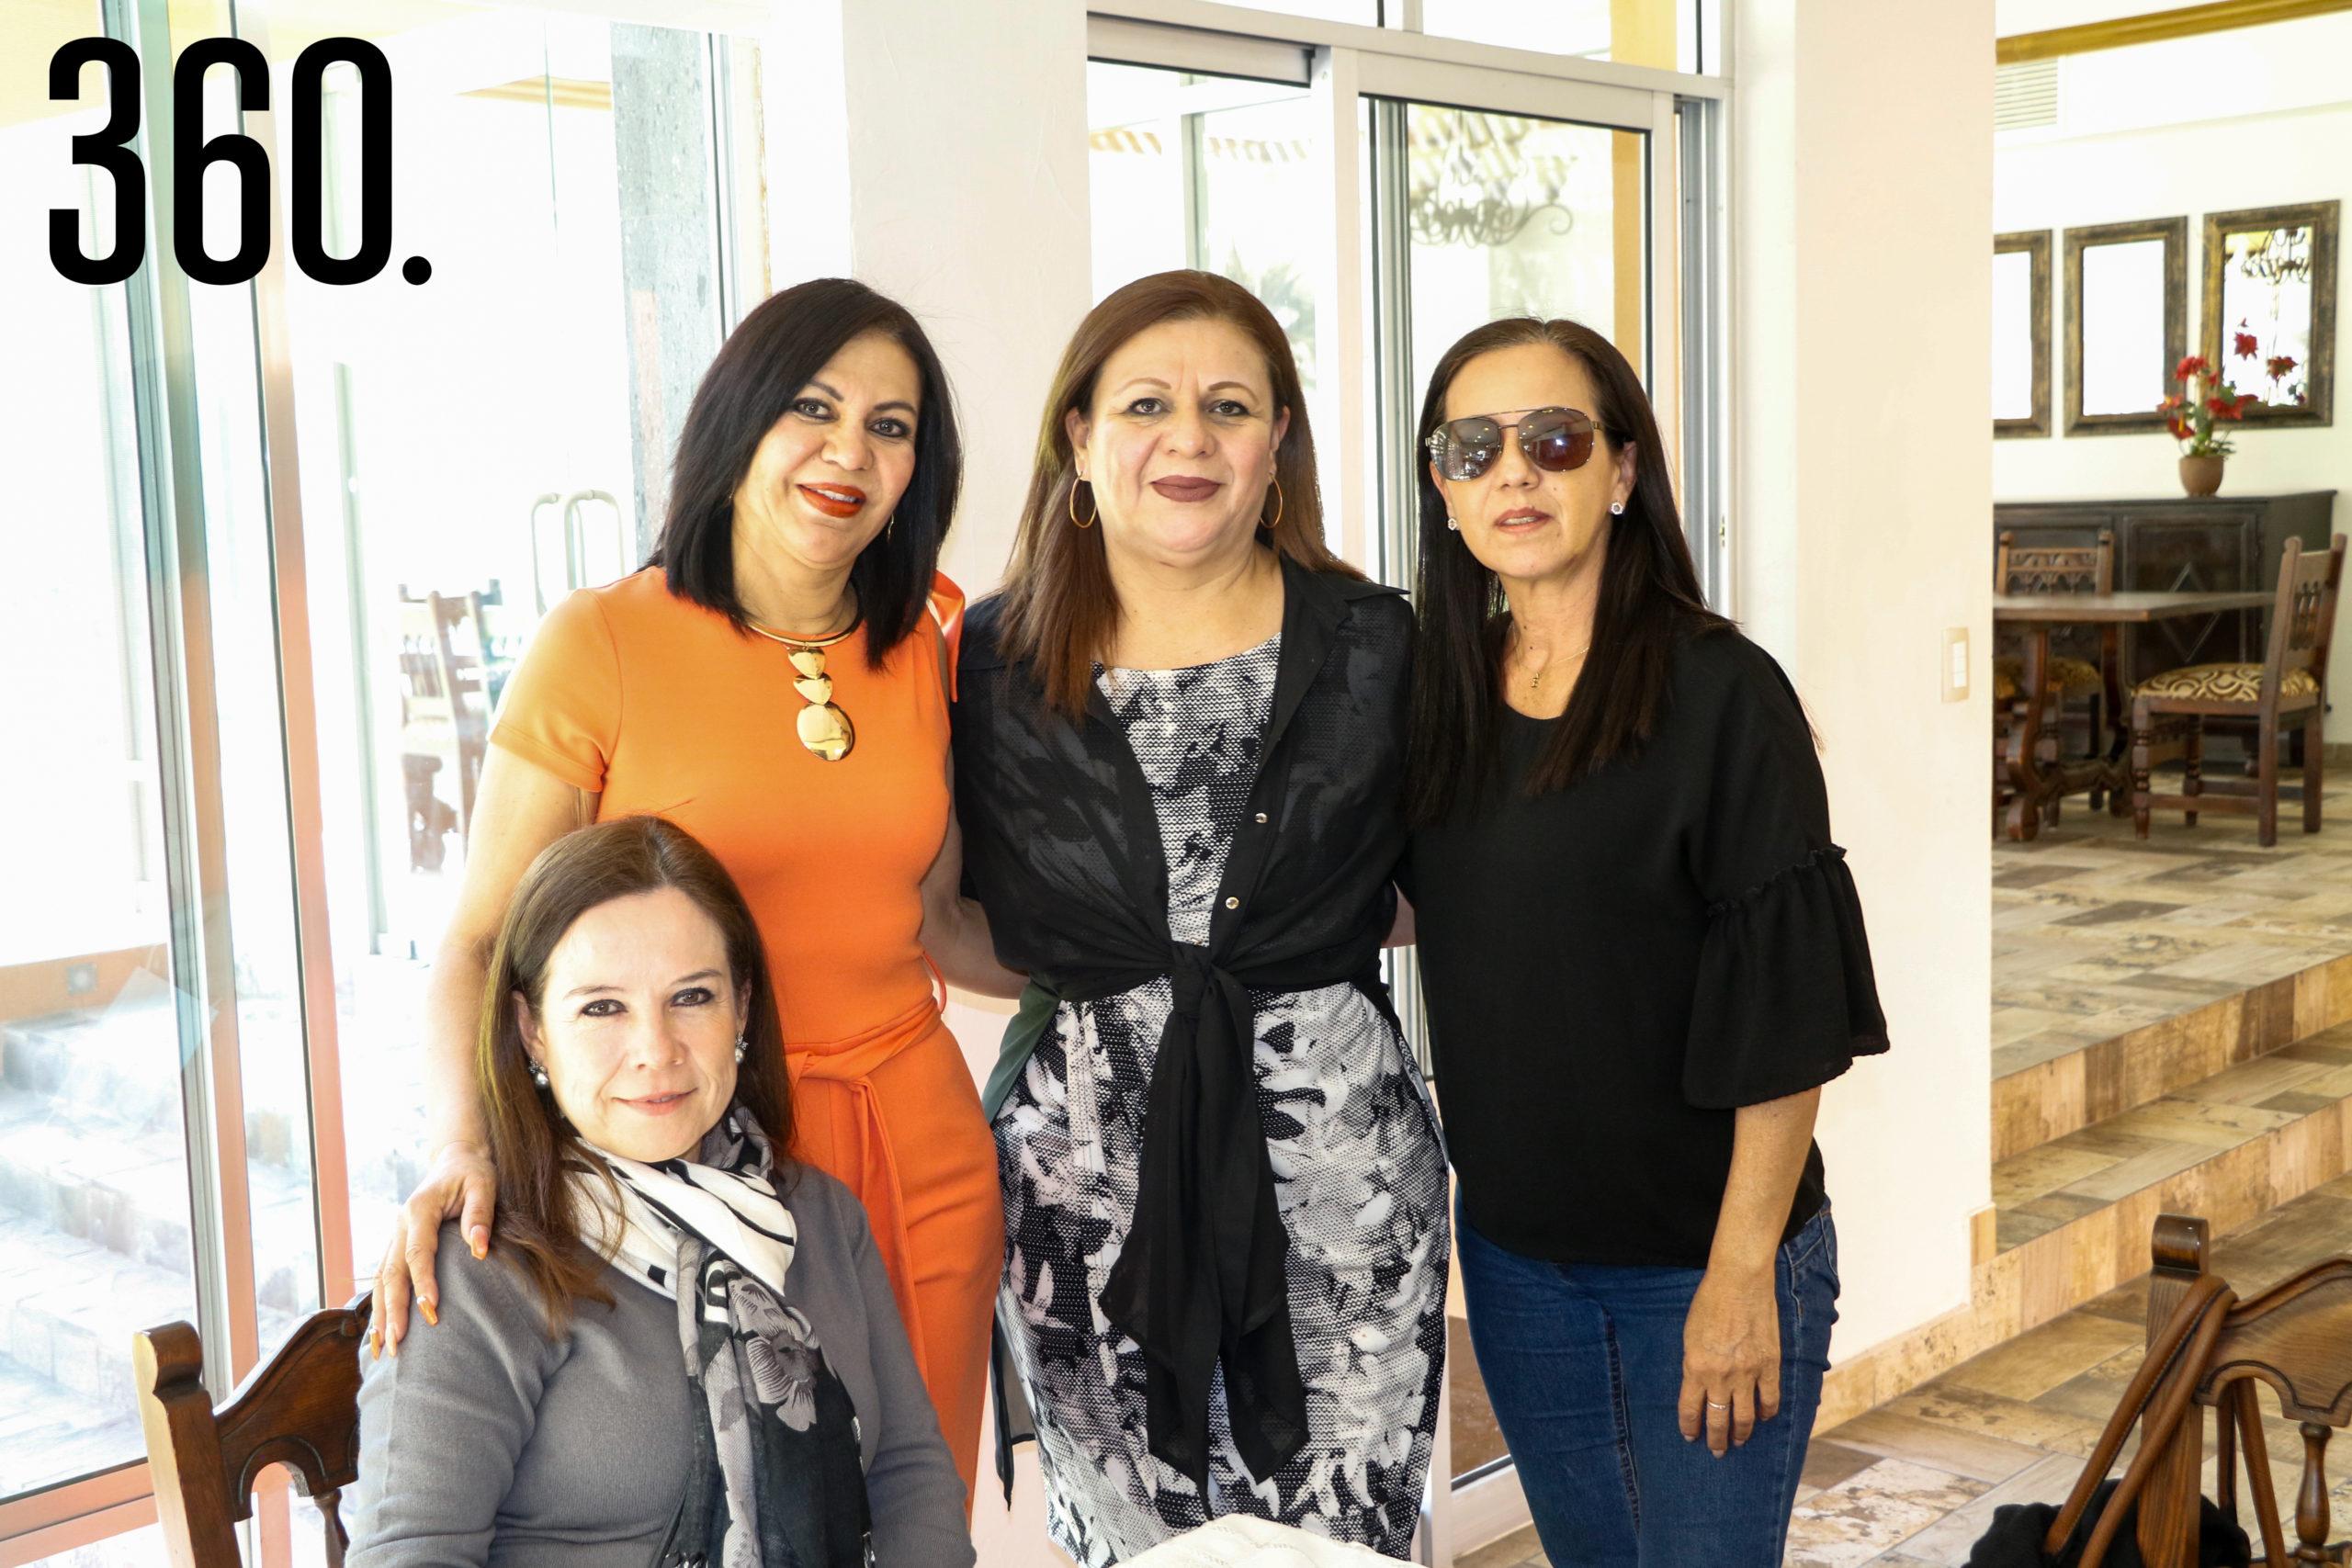 Moira de León, Chachis Reyes, Zaida Reyes y Bertha Cárdenas.